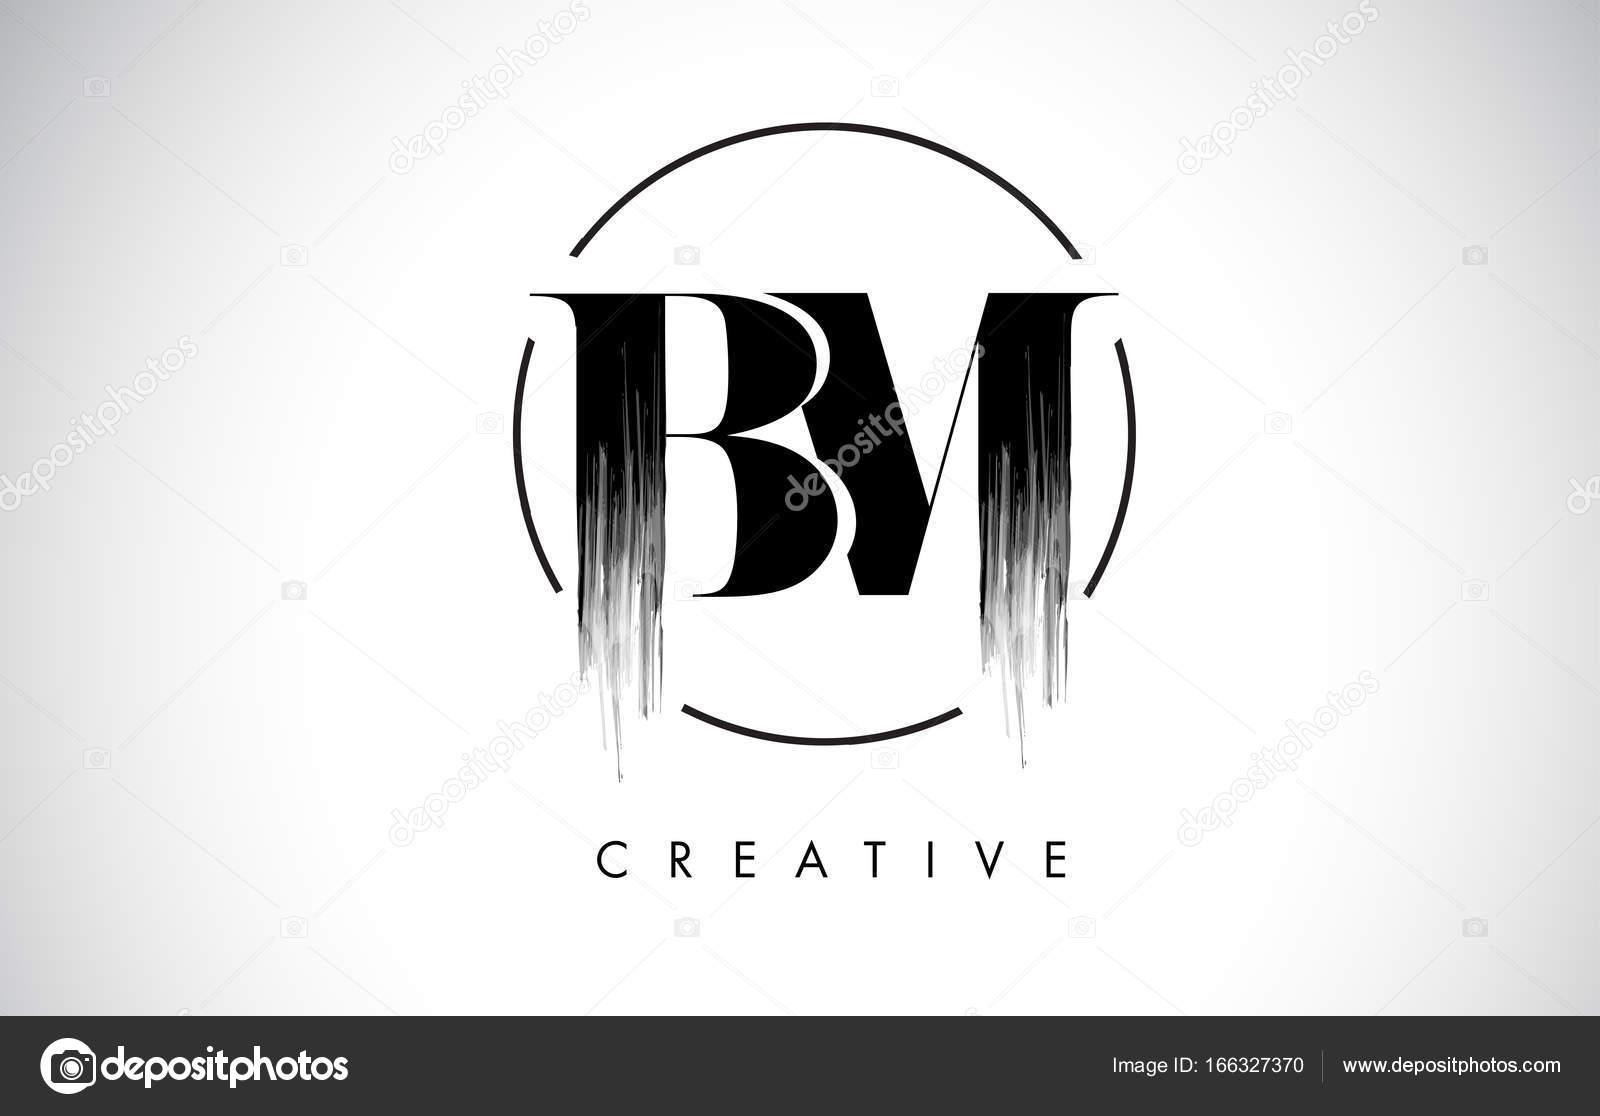 bm brush stroke letter logo design black paint logo leters icon